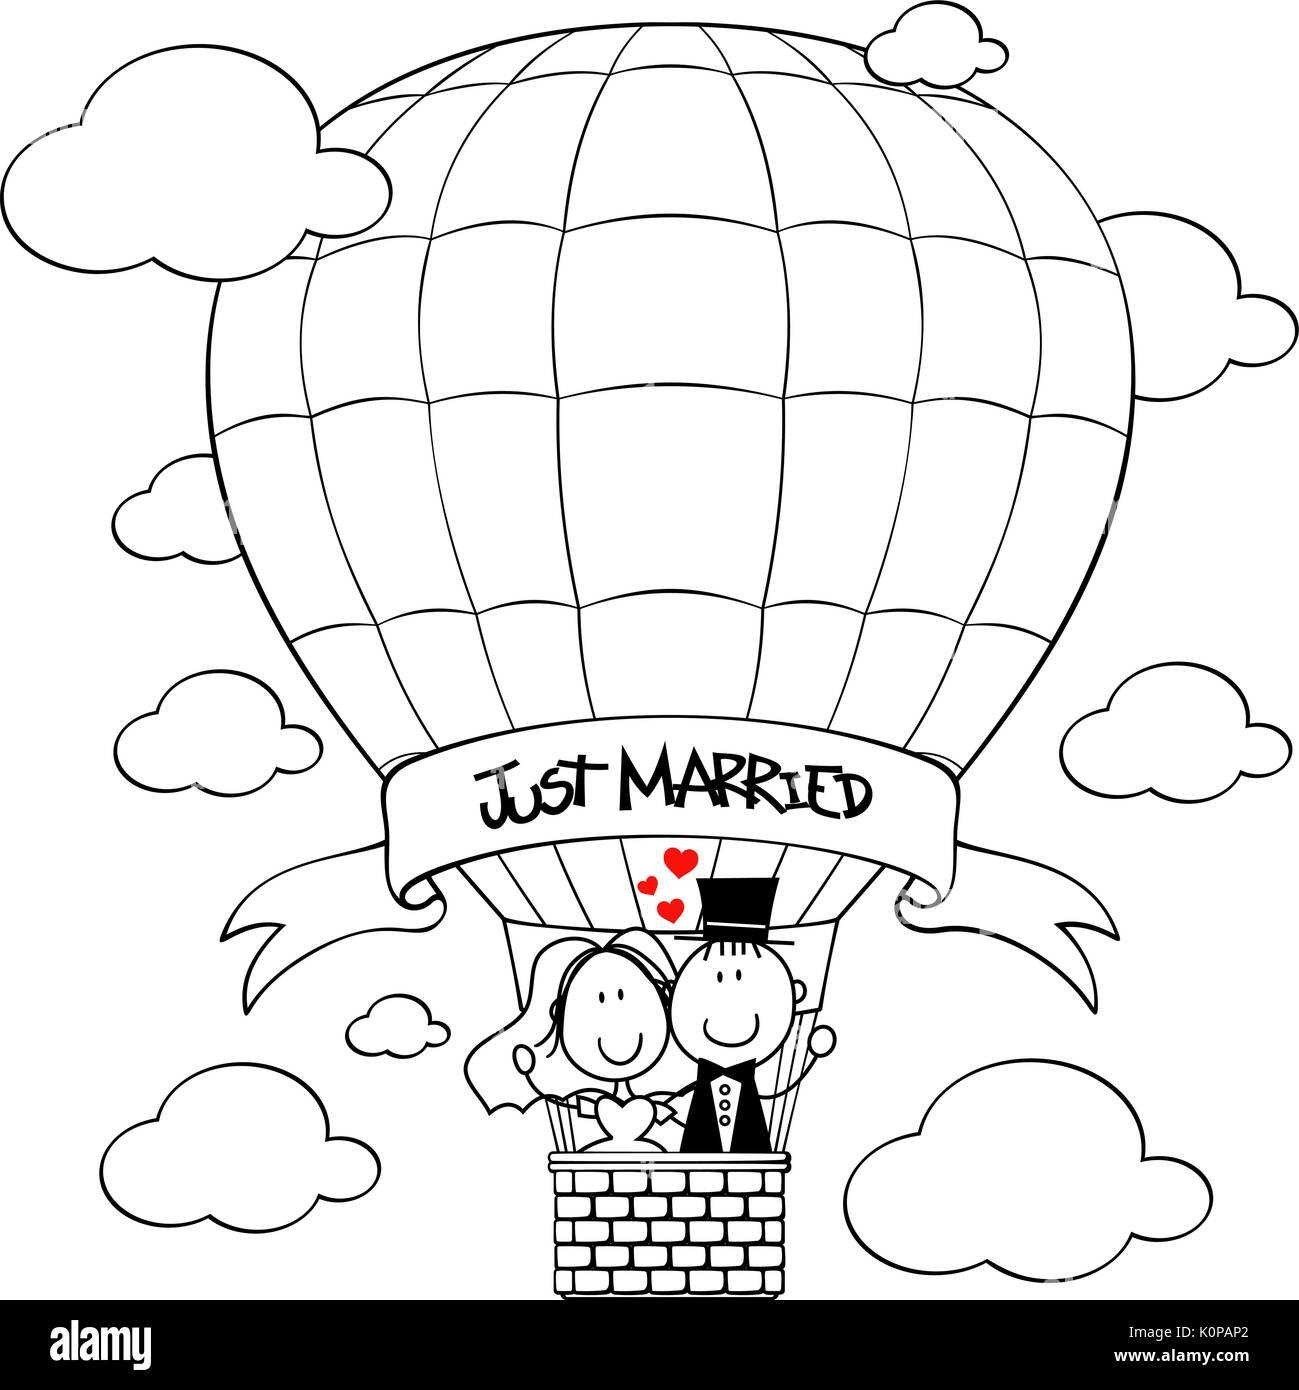 Hot Air Balloon Cartoon Imágenes De Stock & Hot Air Balloon Cartoon ...